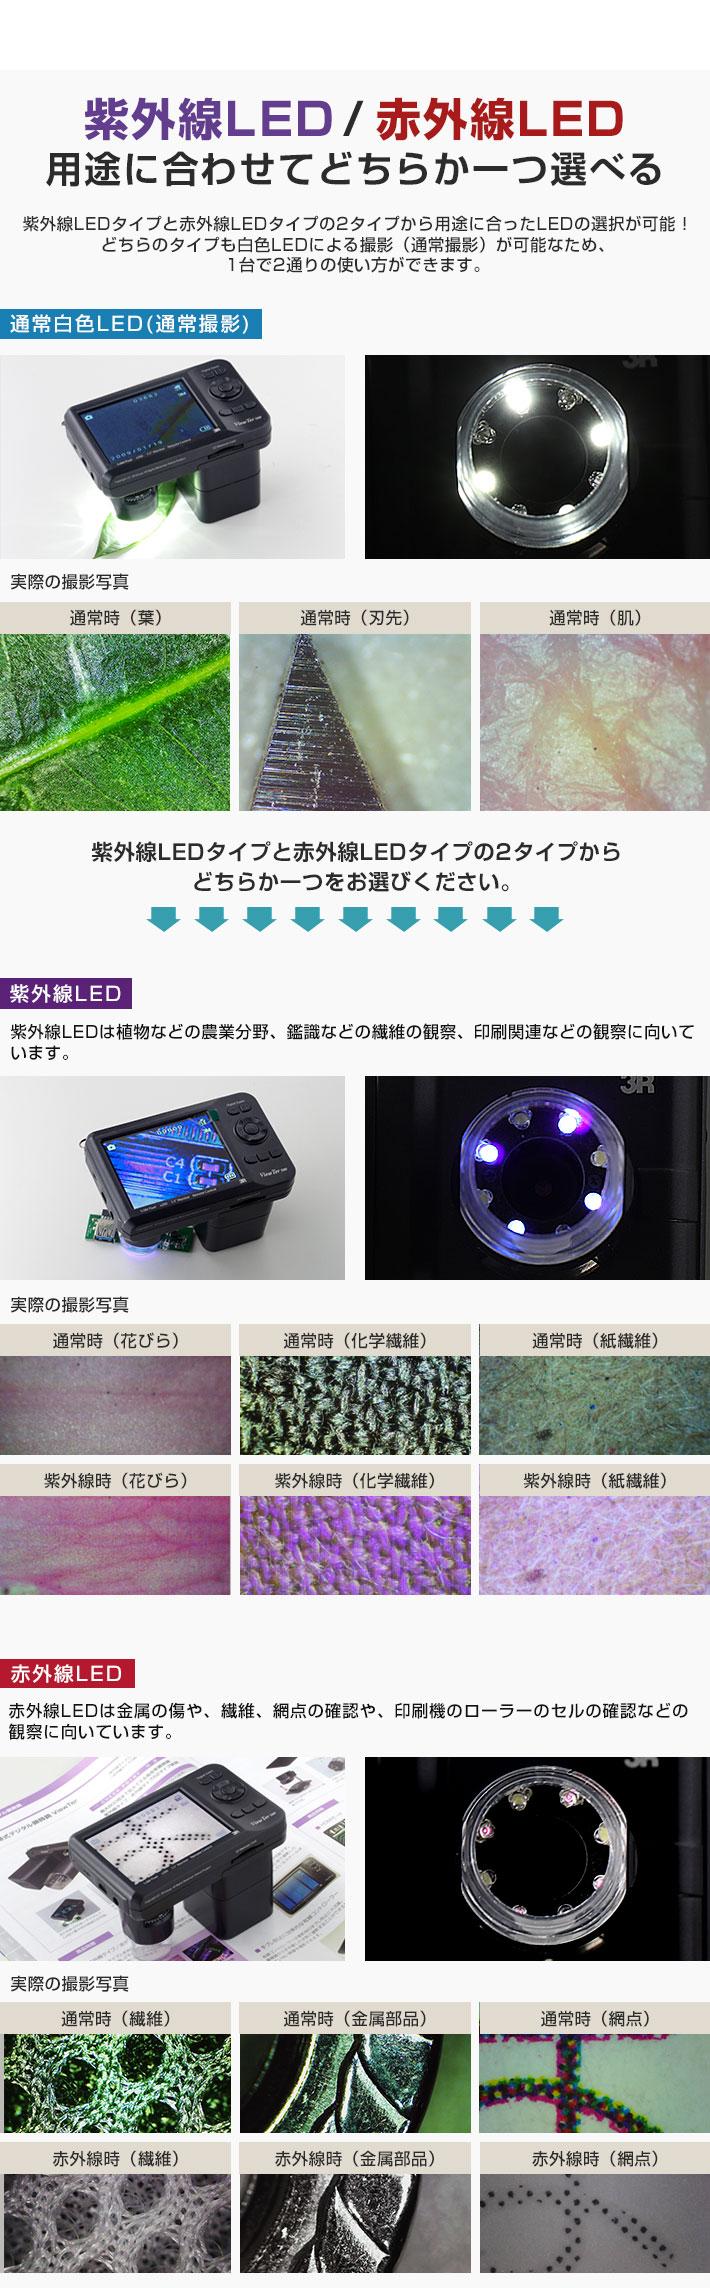 紫外線LED / 赤外線LED 用途に合わせてどちらか一つ選べる